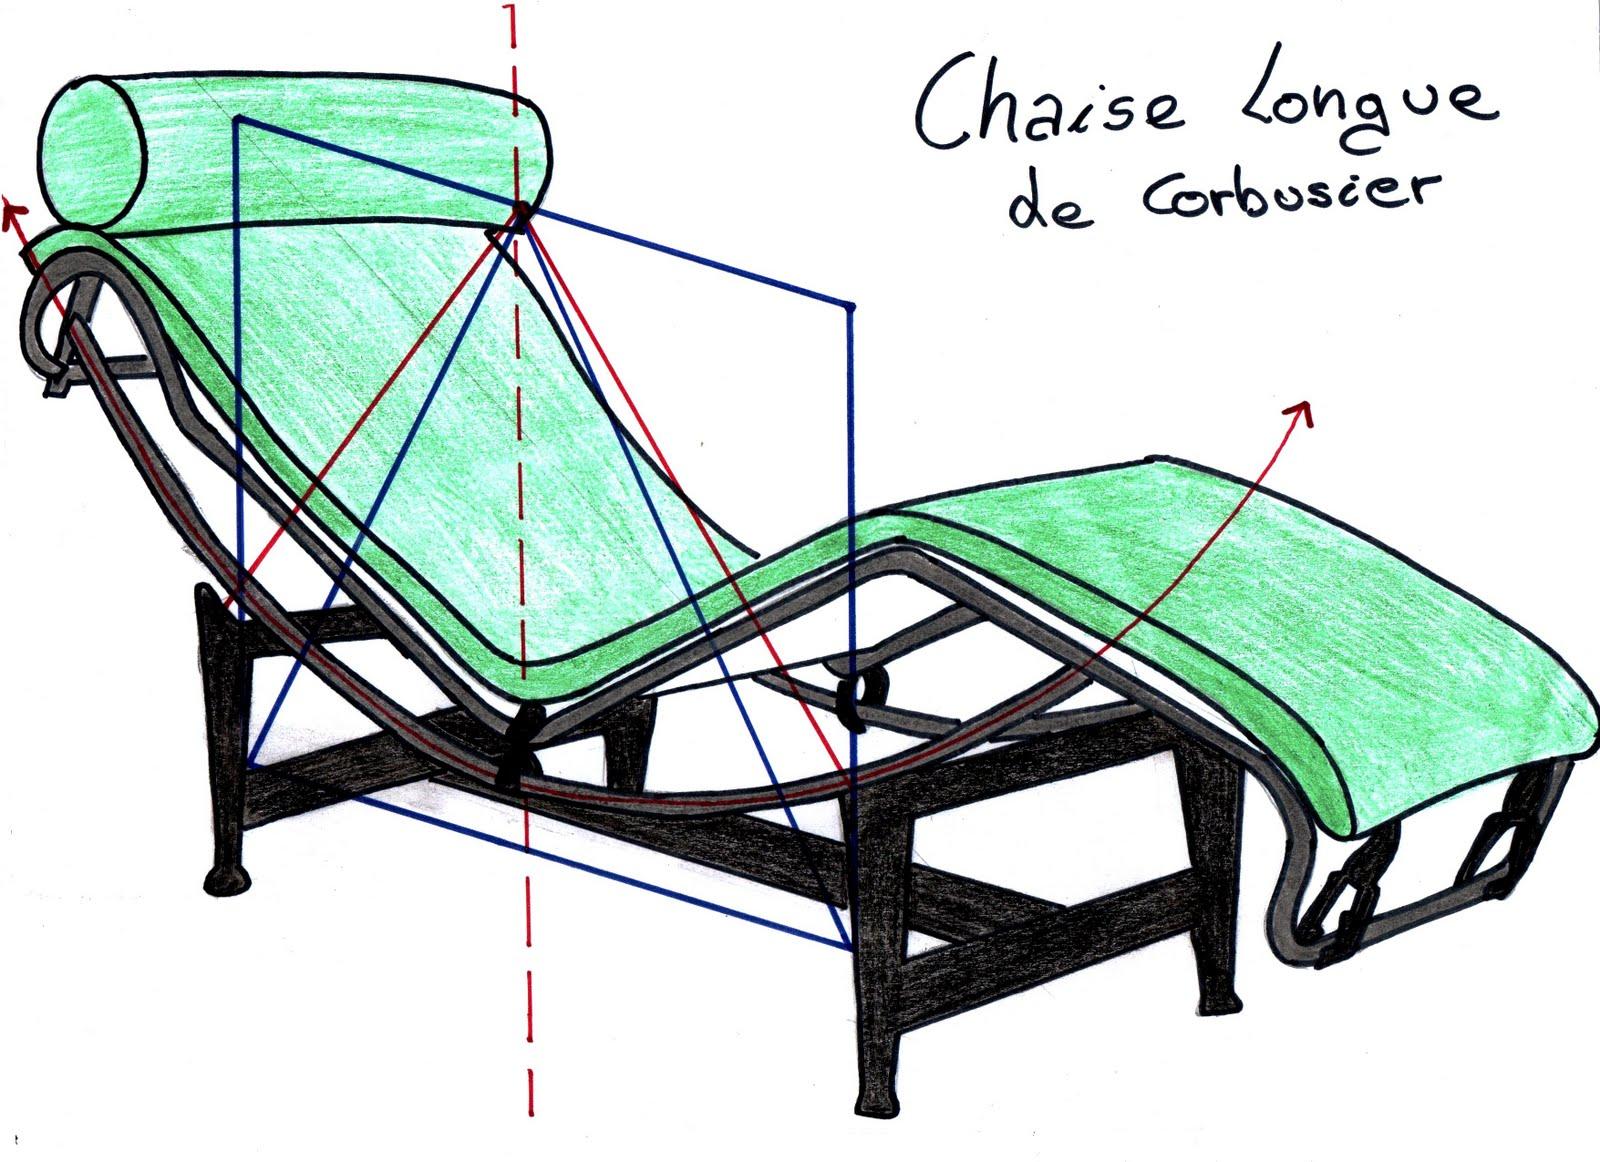 Cecilia polidori twice design e sam - Sedia le corbusier ...